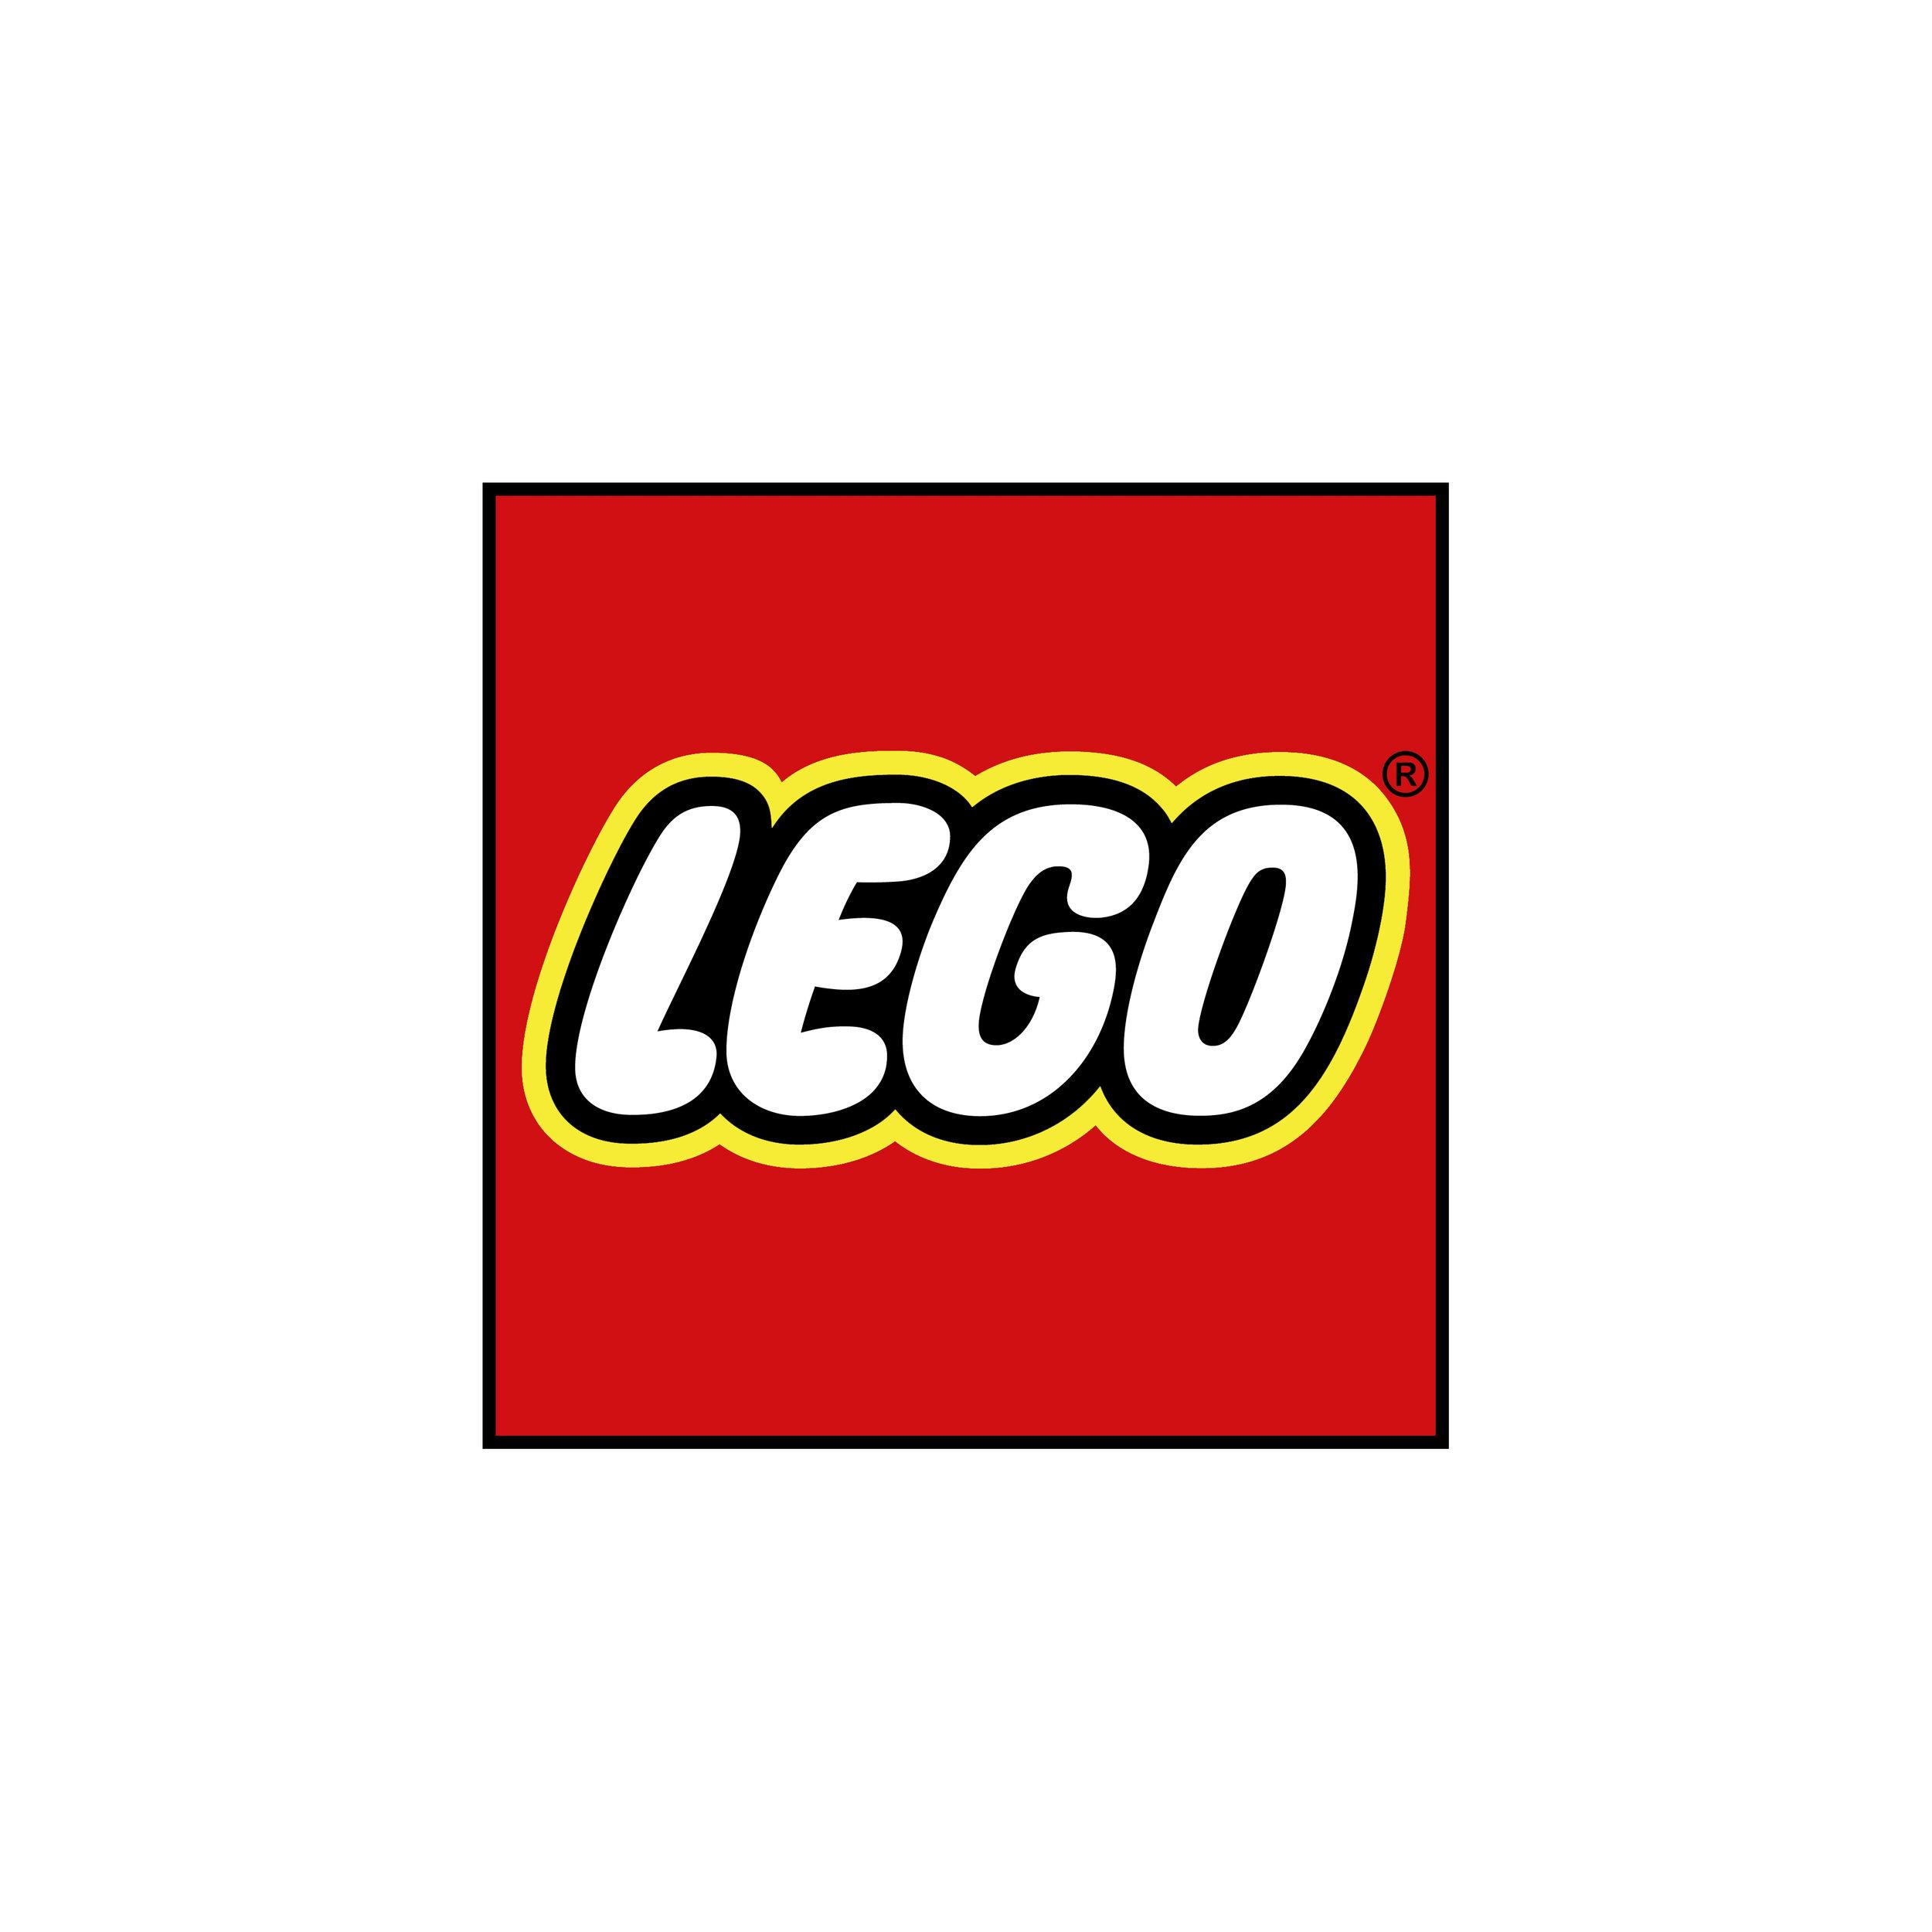 LEGO_logocopy.jpg